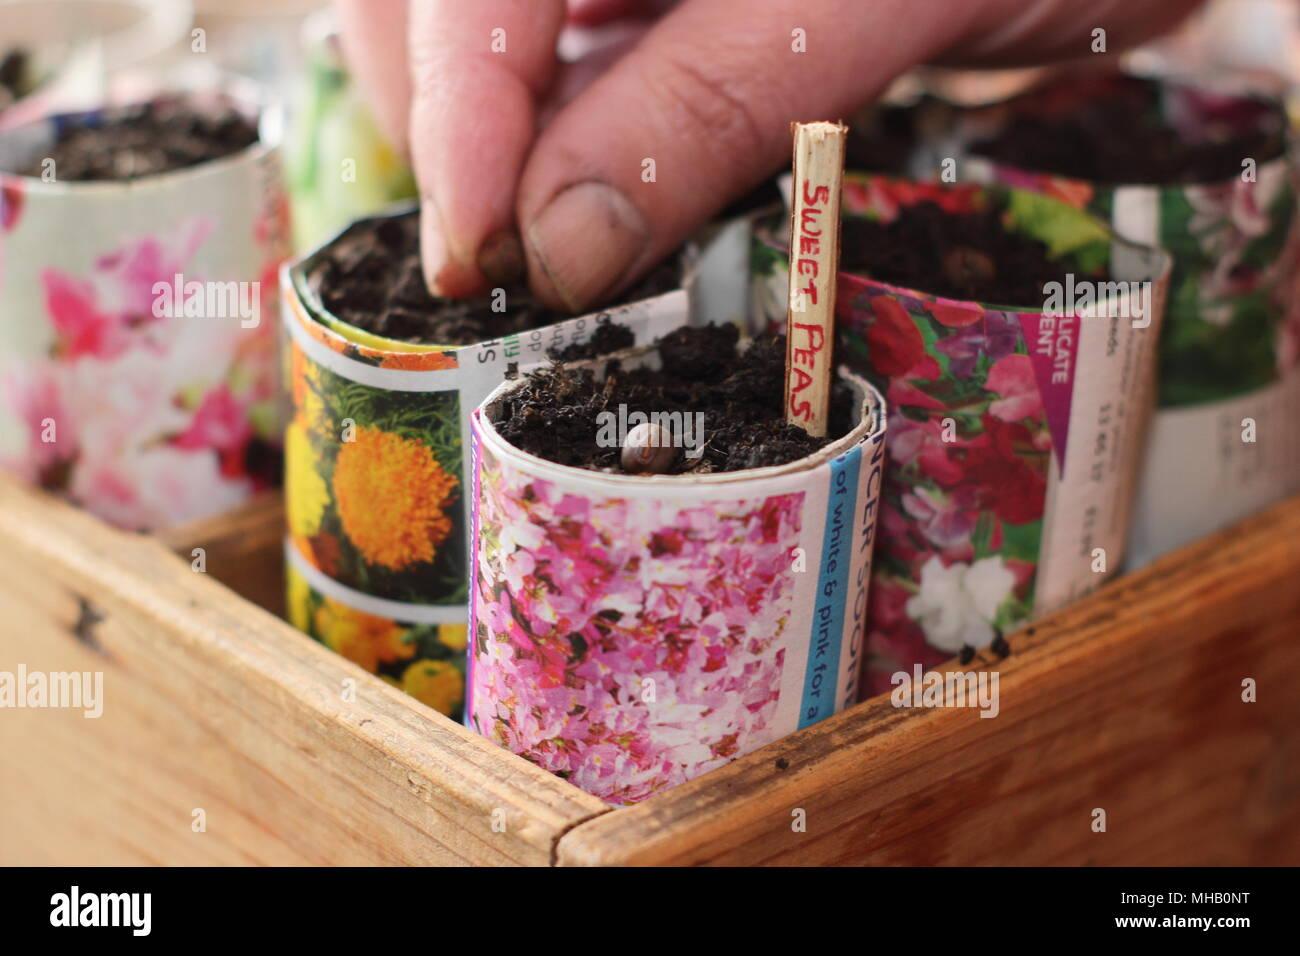 Lathyrus odoratus. La semina di pisello dolce semi in carta artigianale pentole marcato con un ramoscello affettata come alternativa all'utilizzo di plastica nel giardinaggio, REGNO UNITO Immagini Stock